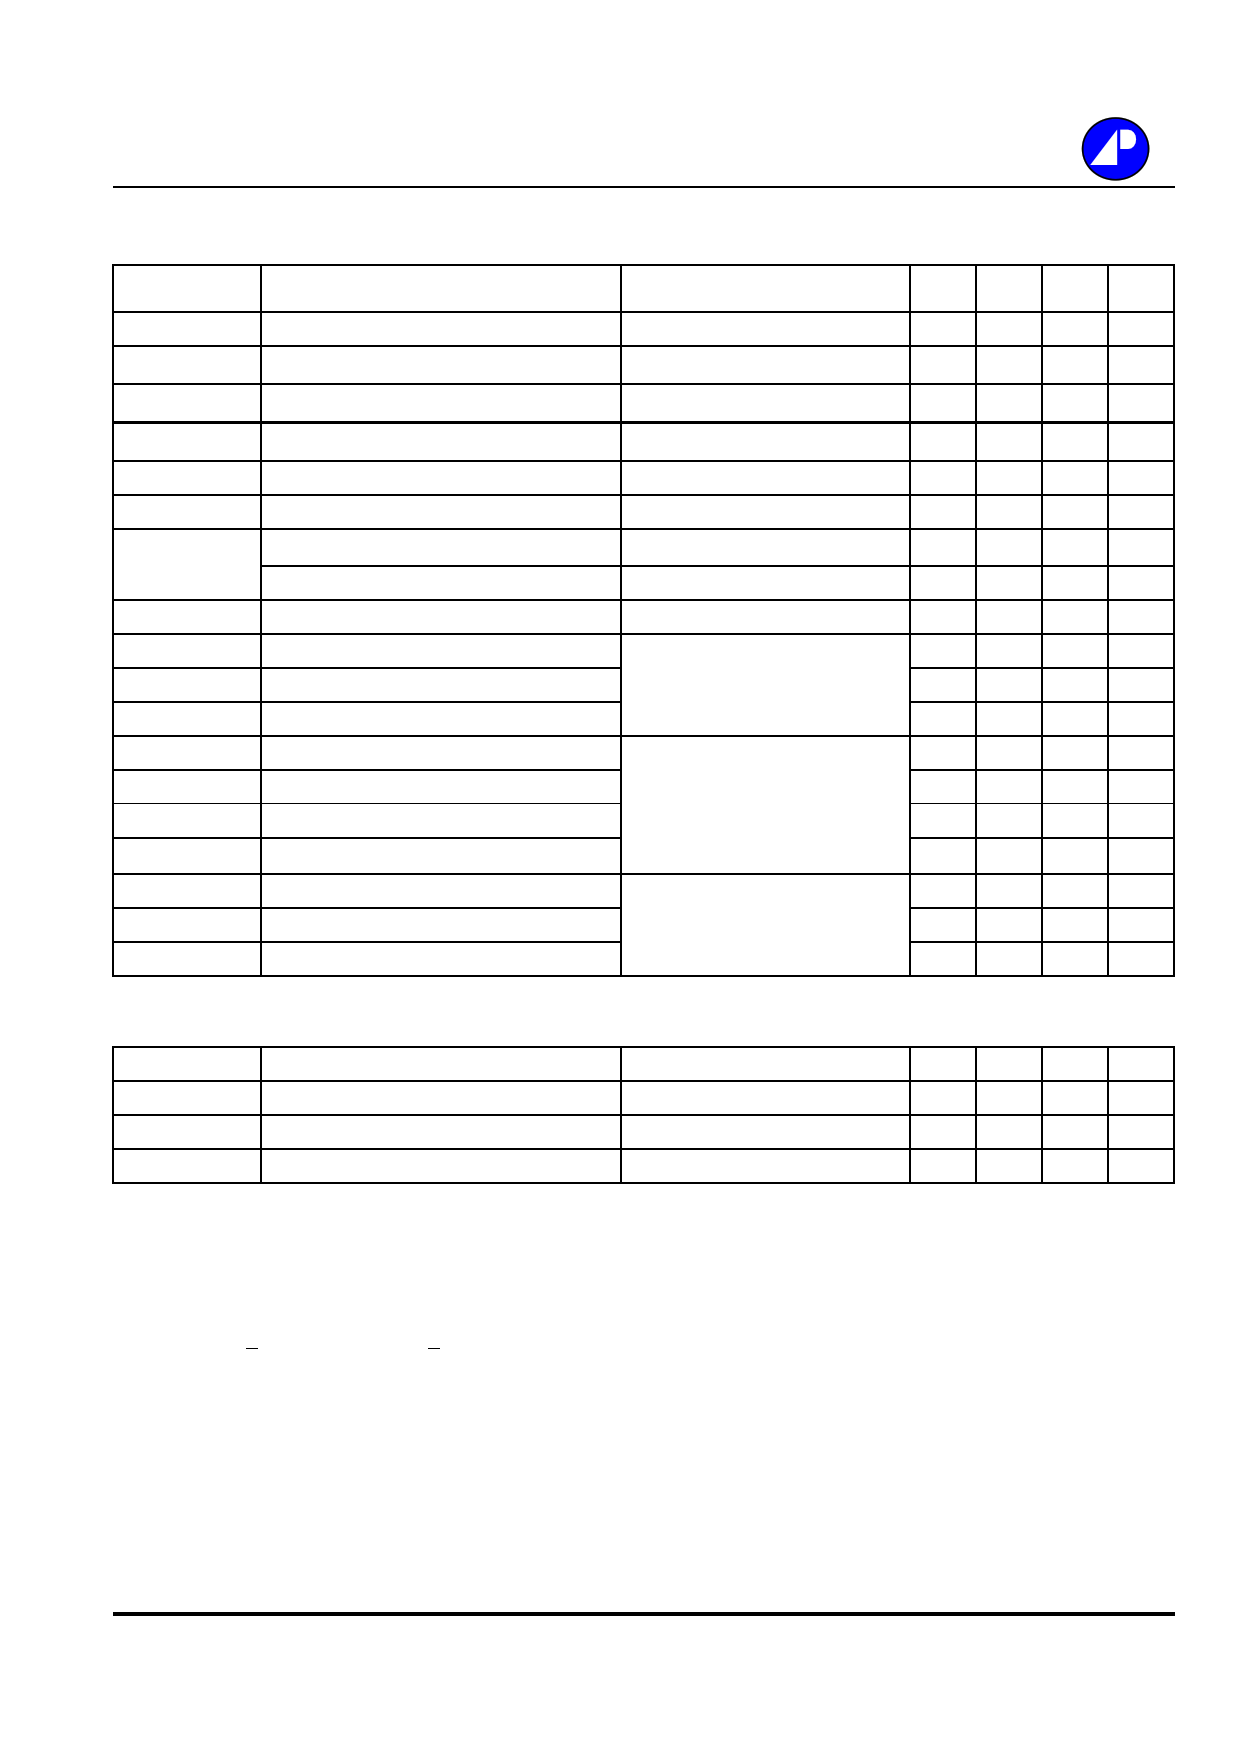 9916H pdf pinout